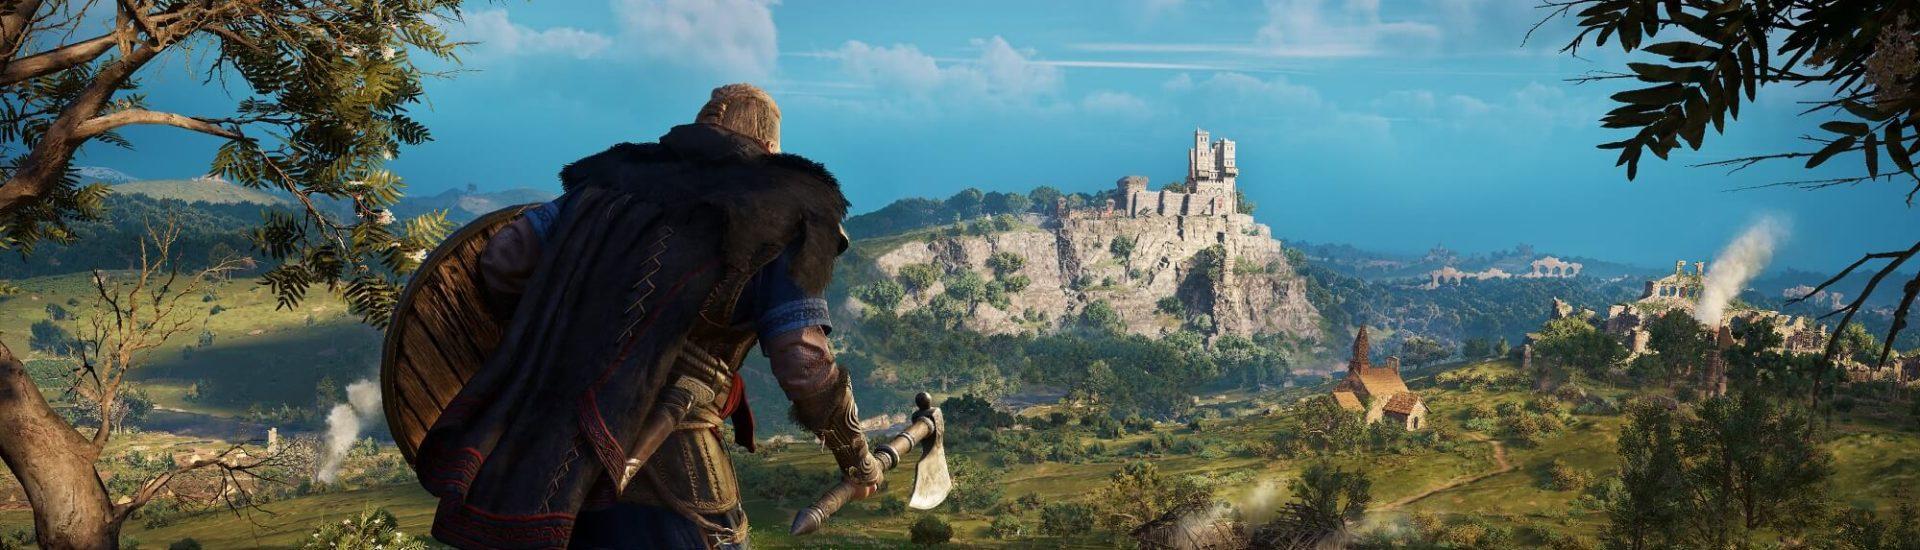 AC Valhalla: Release des ersten DLCs verschoben